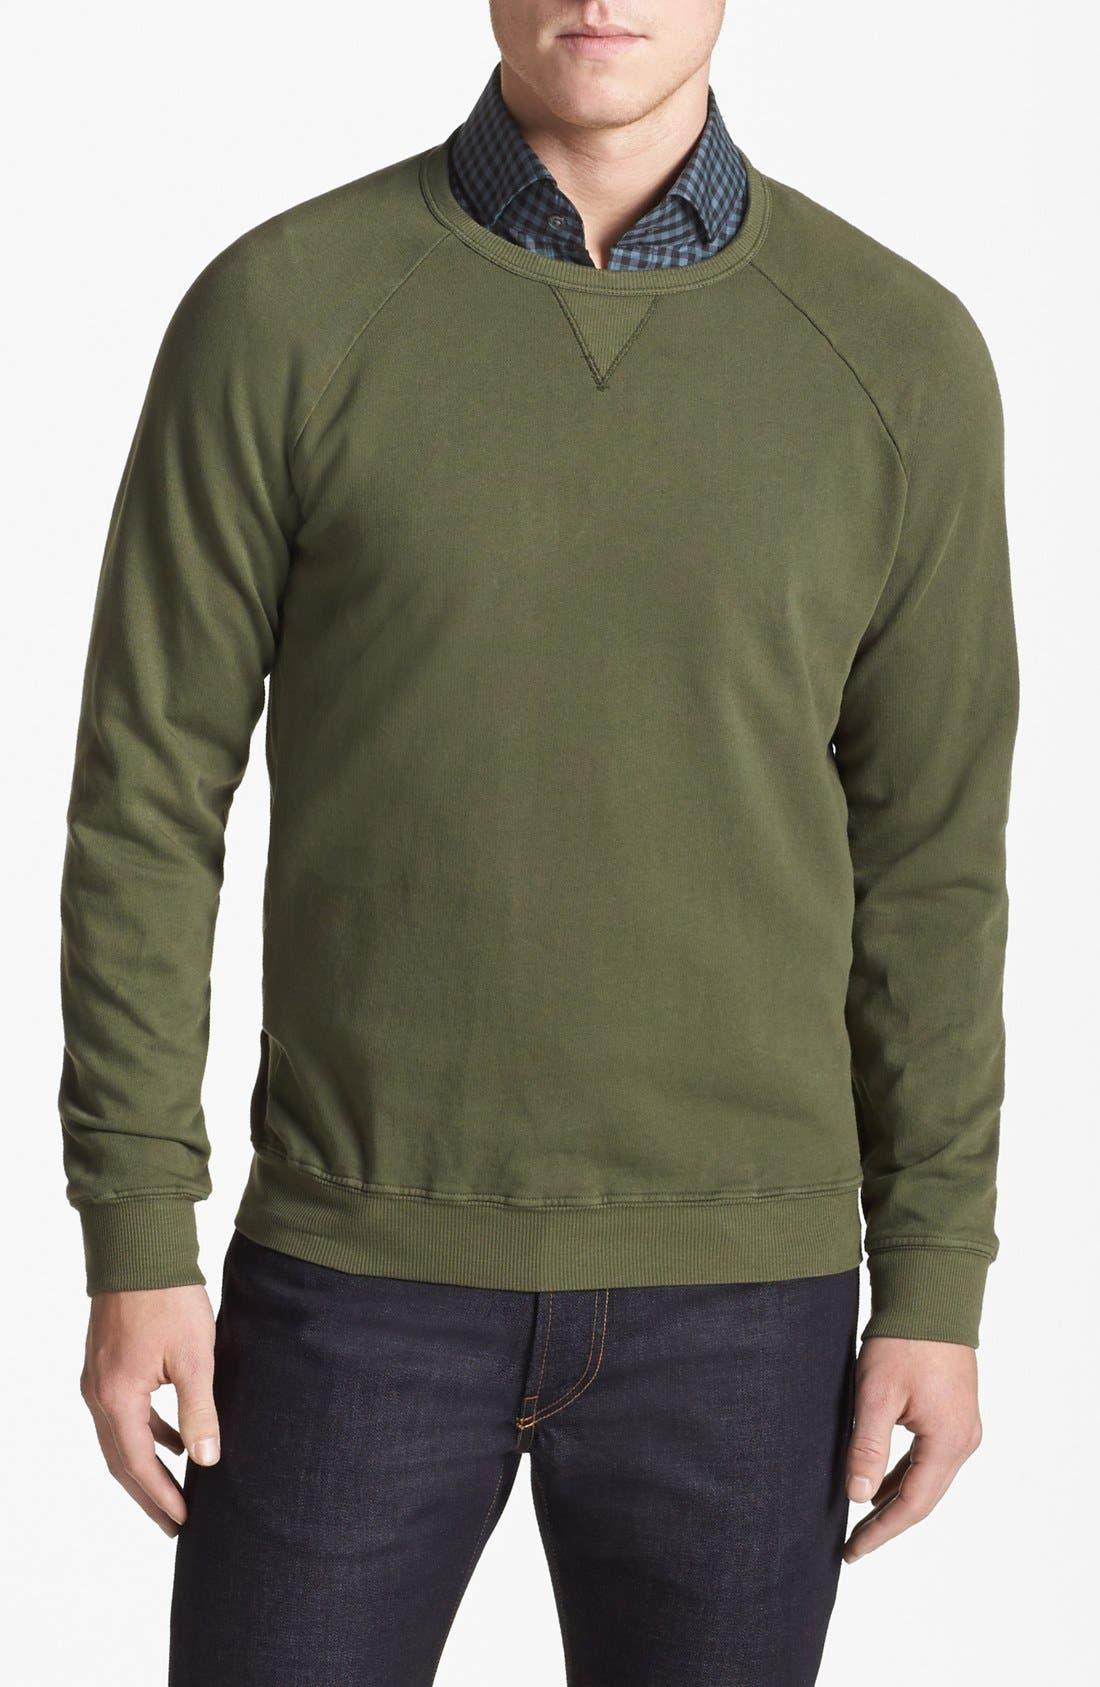 Alternate Image 1 Selected - Splendid 'Brody' Sweatshirt